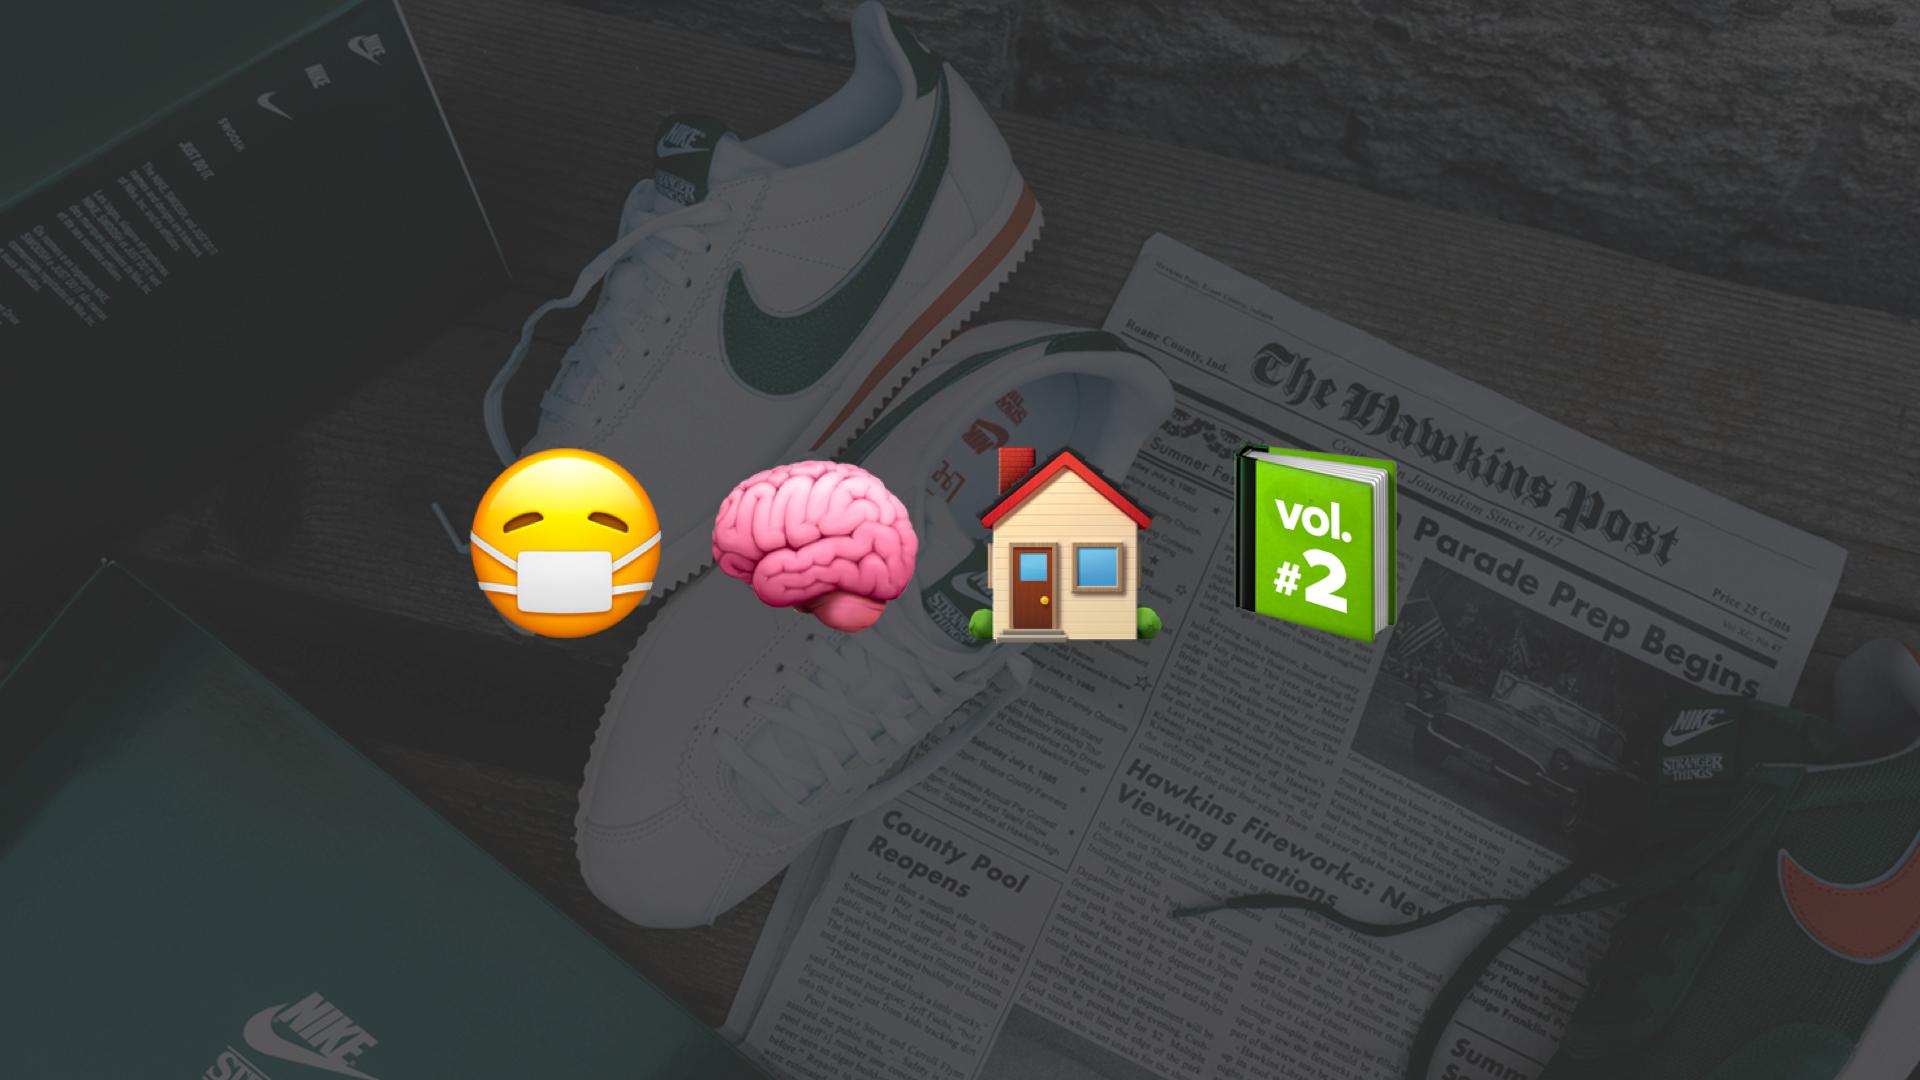 #2 Ține încălțămintea pe suportul de pantofi: petrece niște timp de calitate cu tine însuți